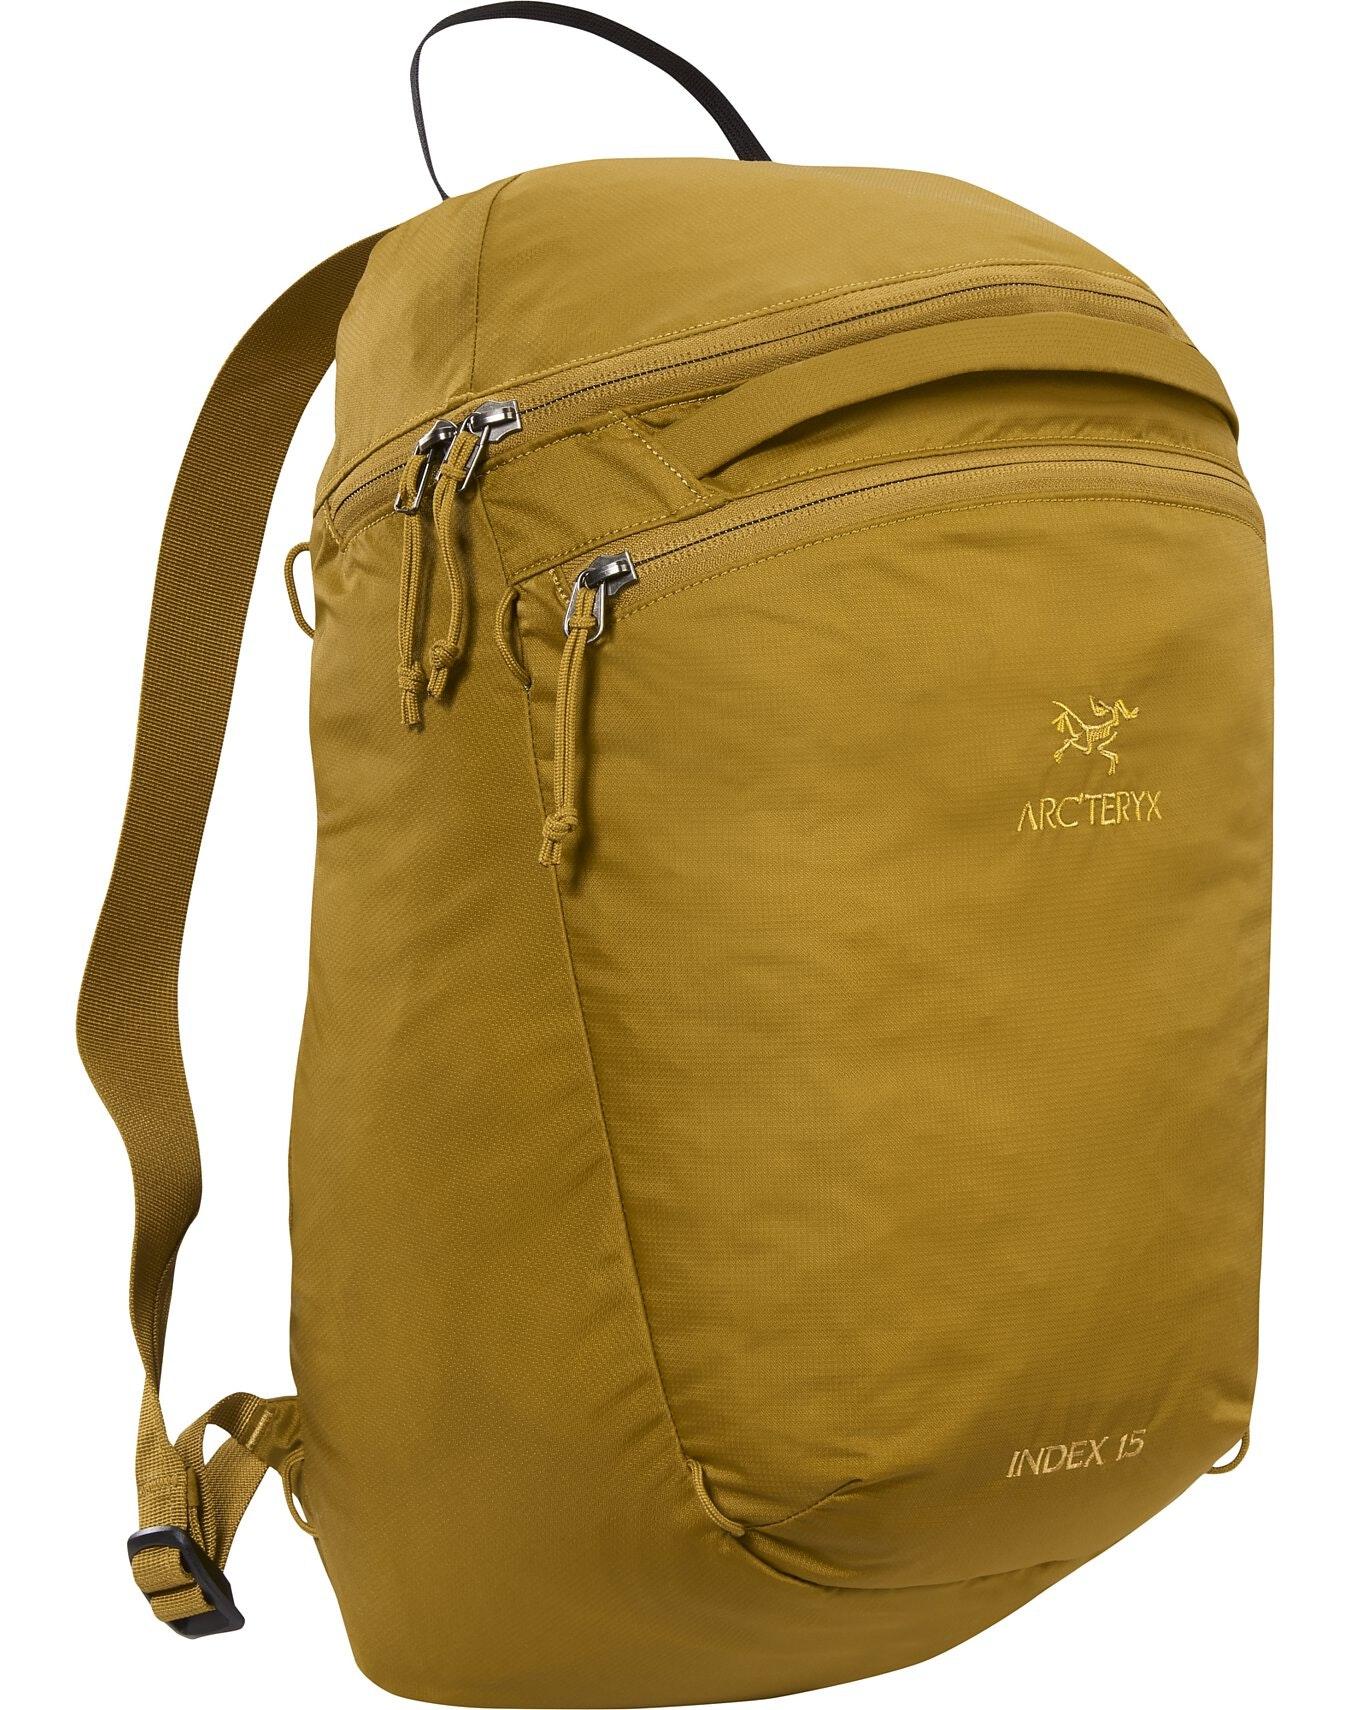 Index 15 Backpack Wander